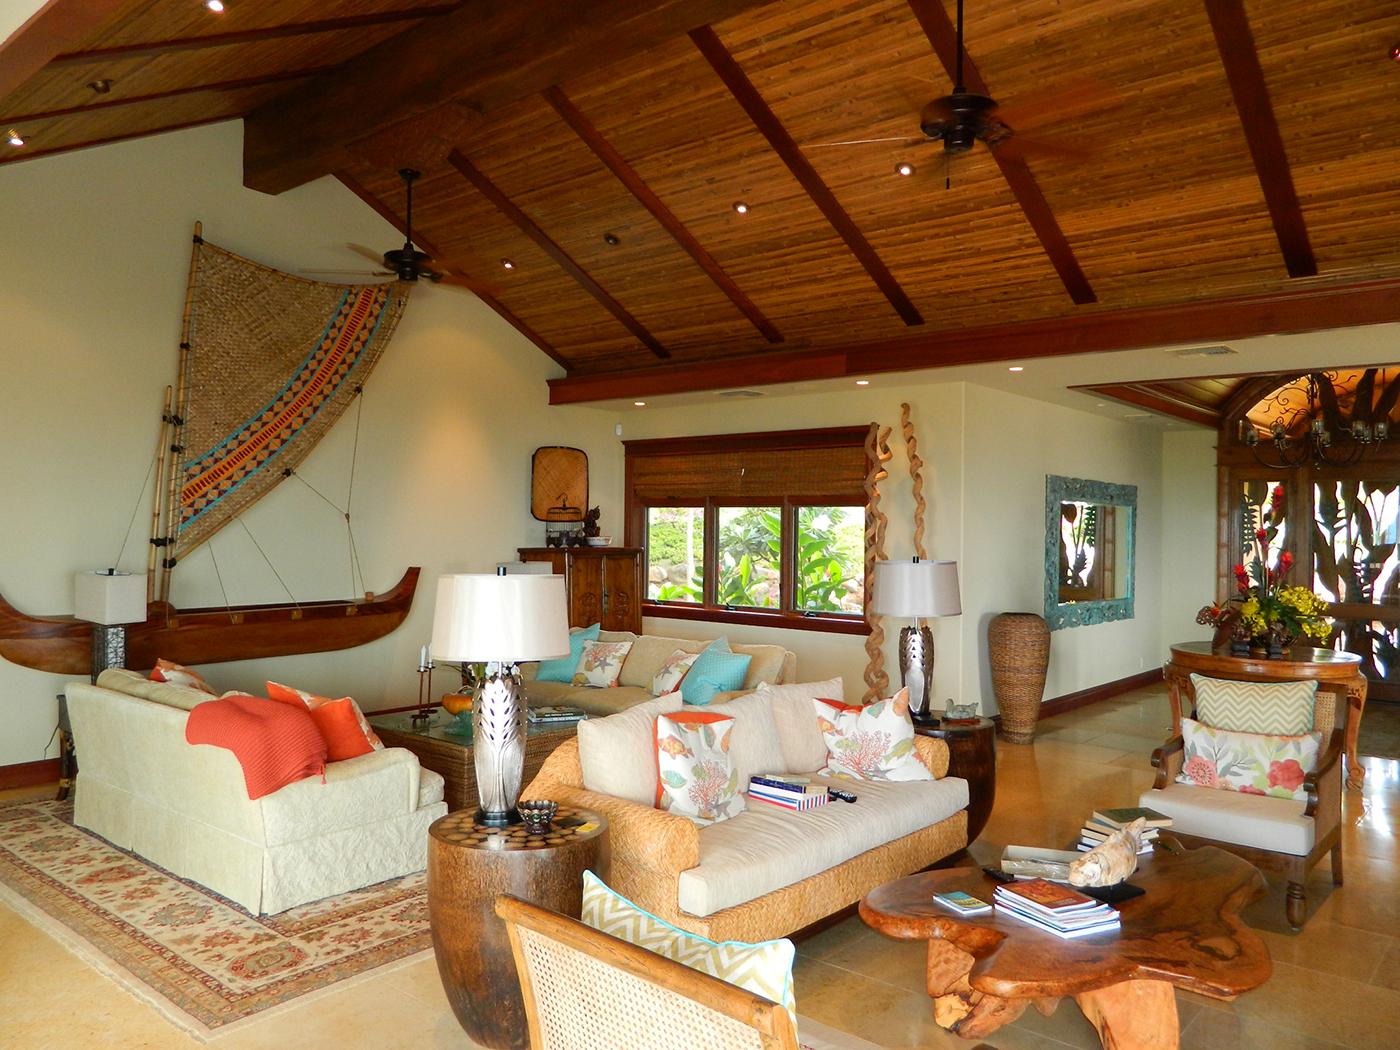 10 MAUI Residence - Living Room.JPG